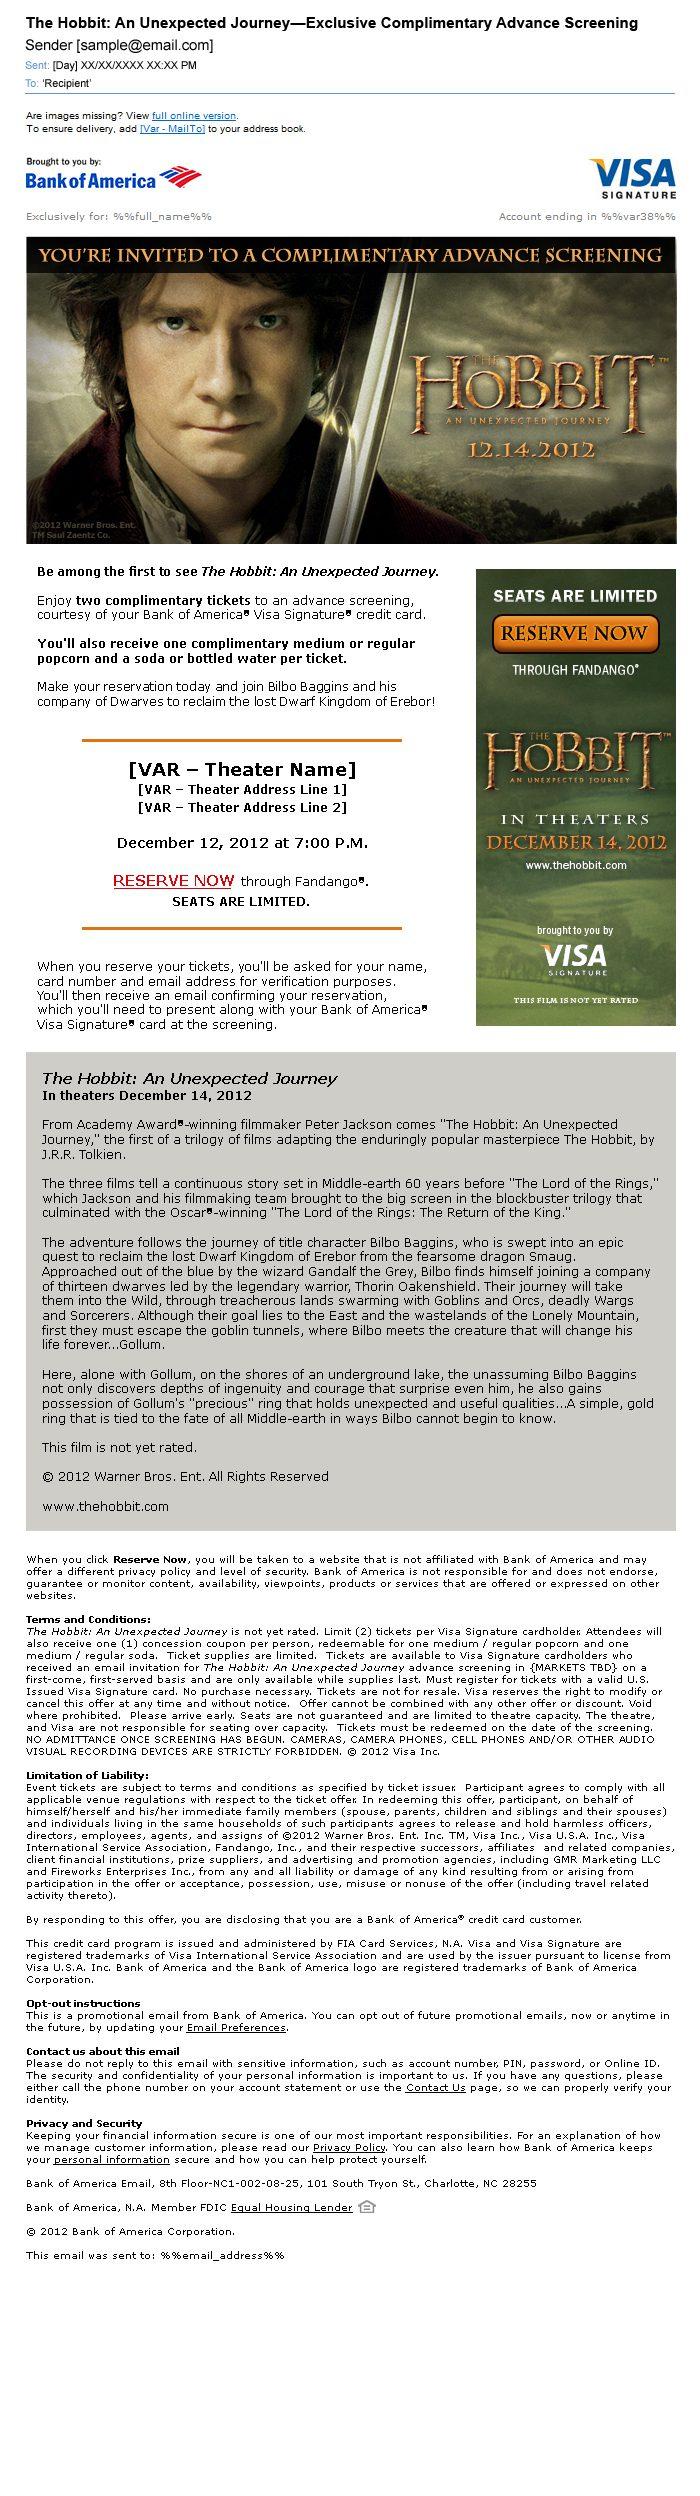 Hobbit Visa Signature Email